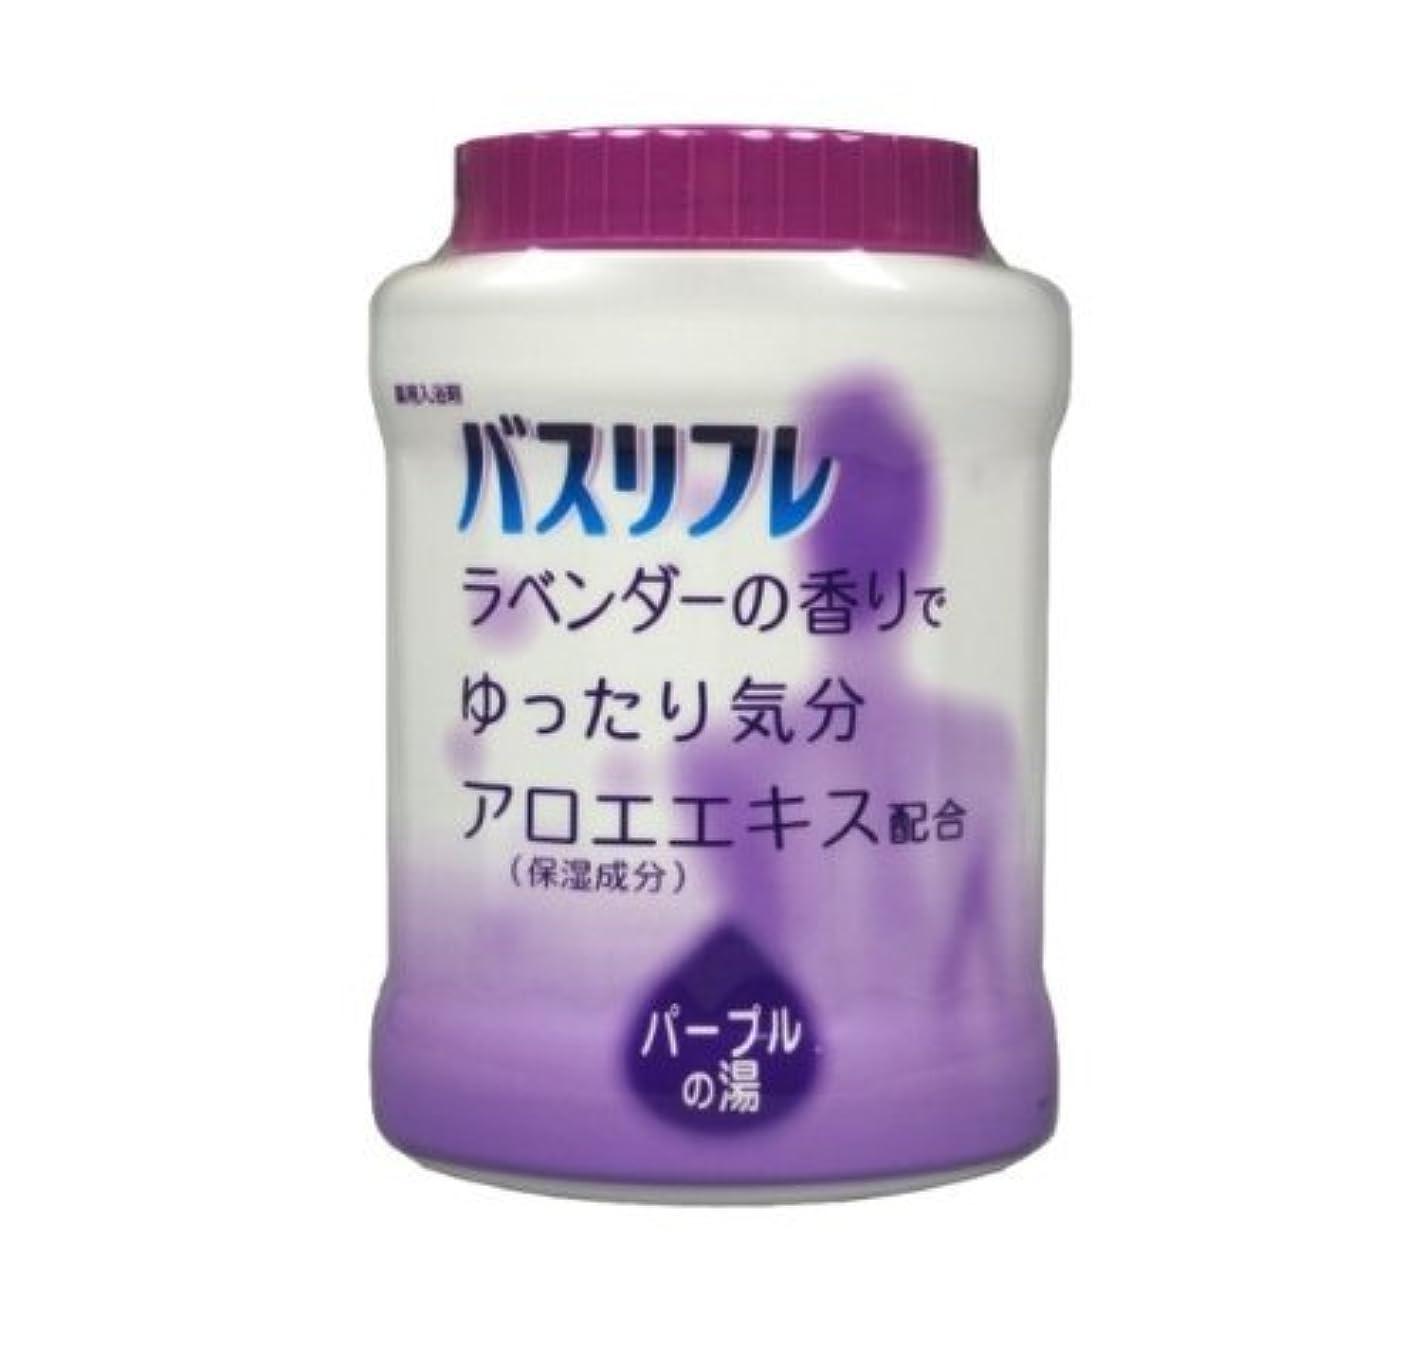 微弱階段であることバスリフレ 薬用入浴剤 ラベンダーの香り 680G Japan